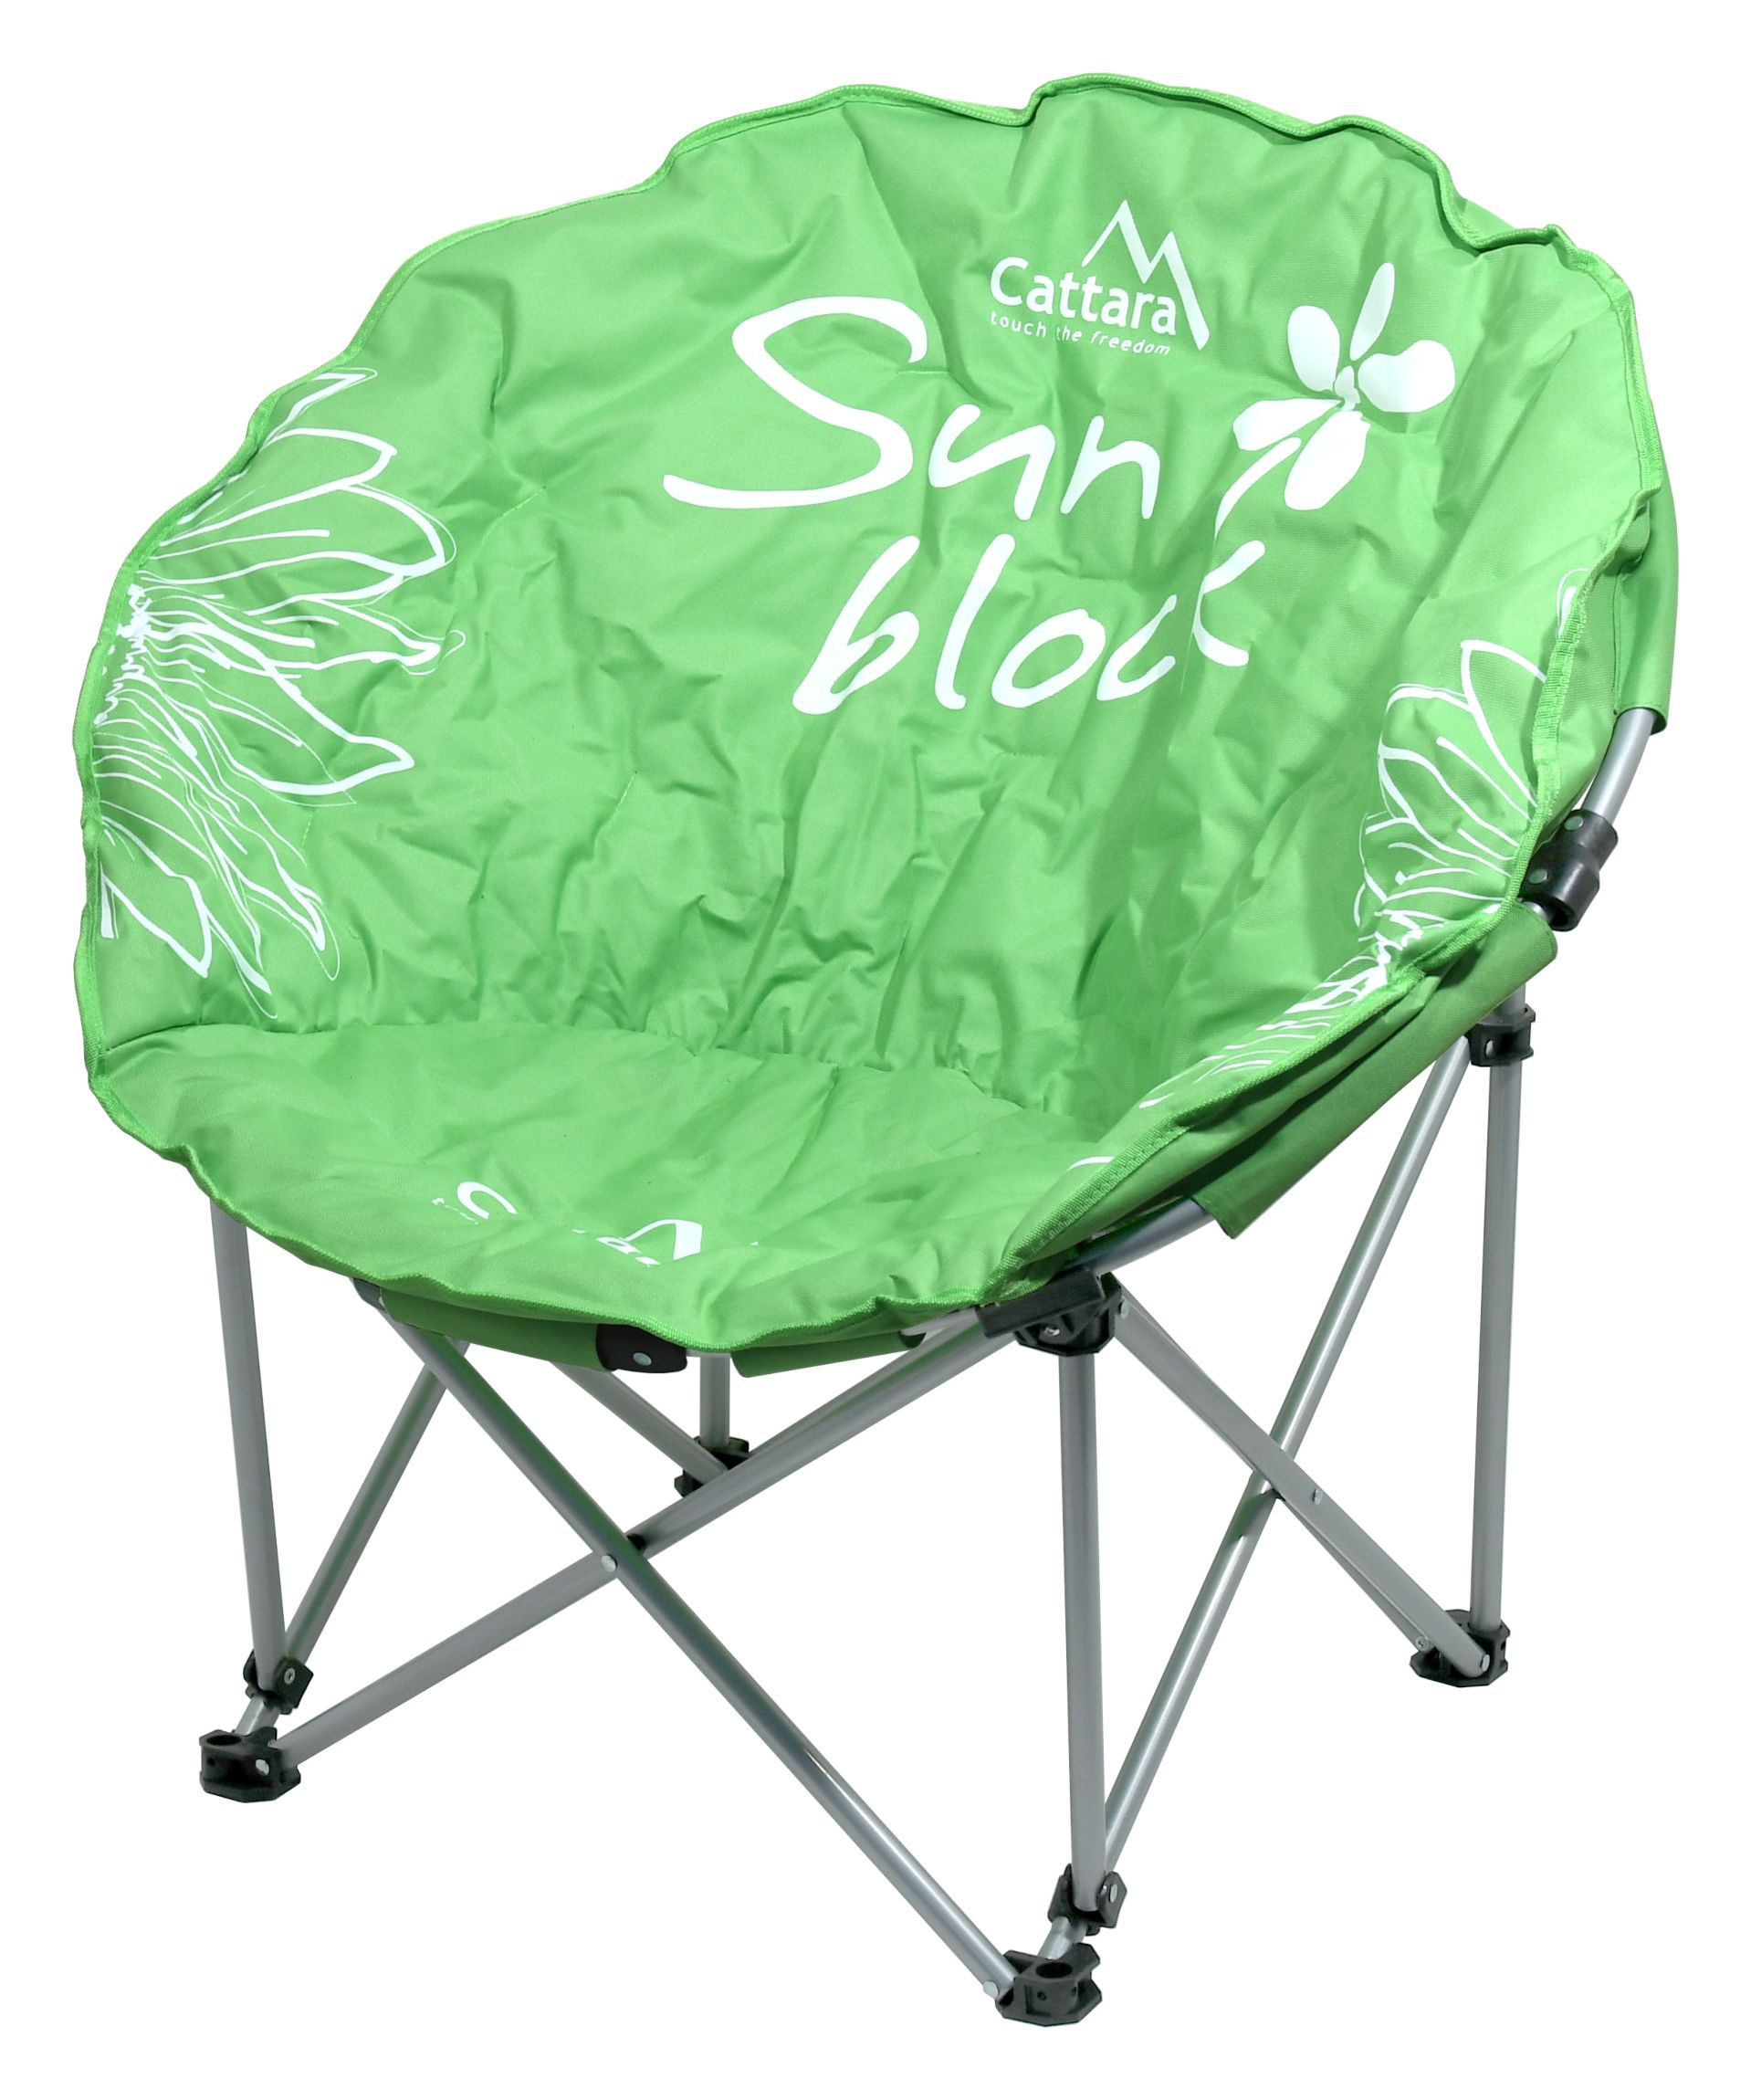 Cattara - Židle kempingová skládací FLOWERS zelená